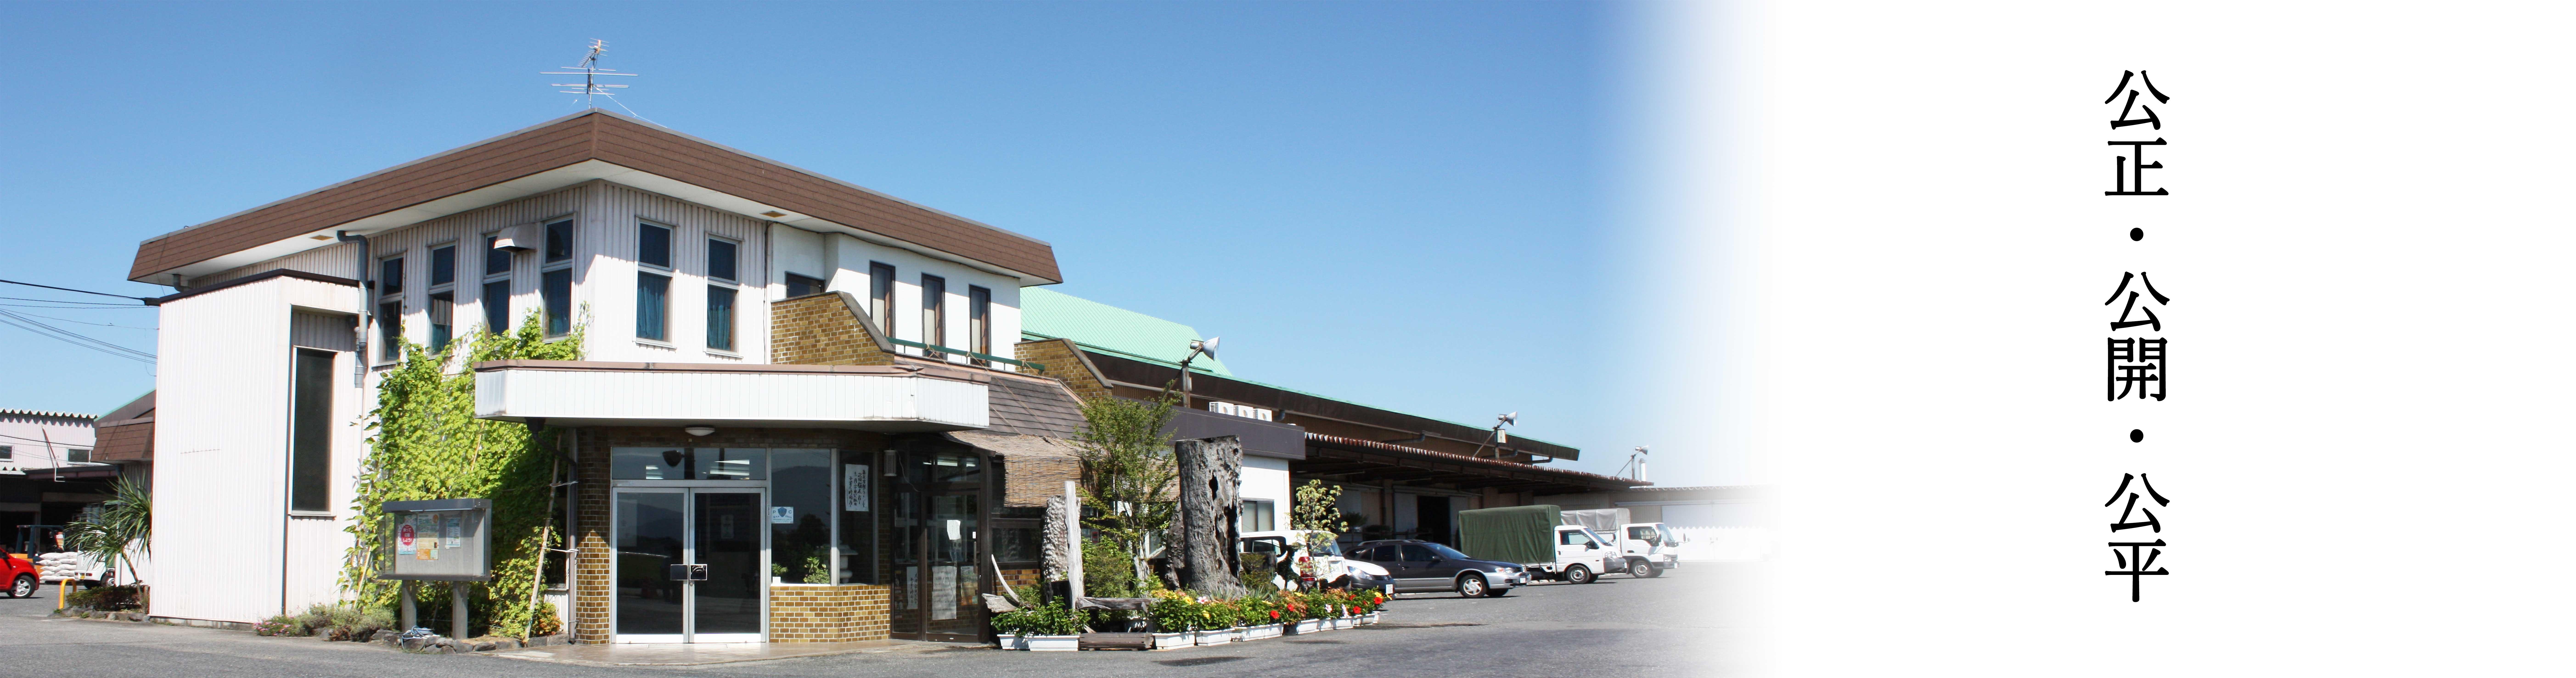 奈良花き植木農業協同組合トップヒーローイメージ